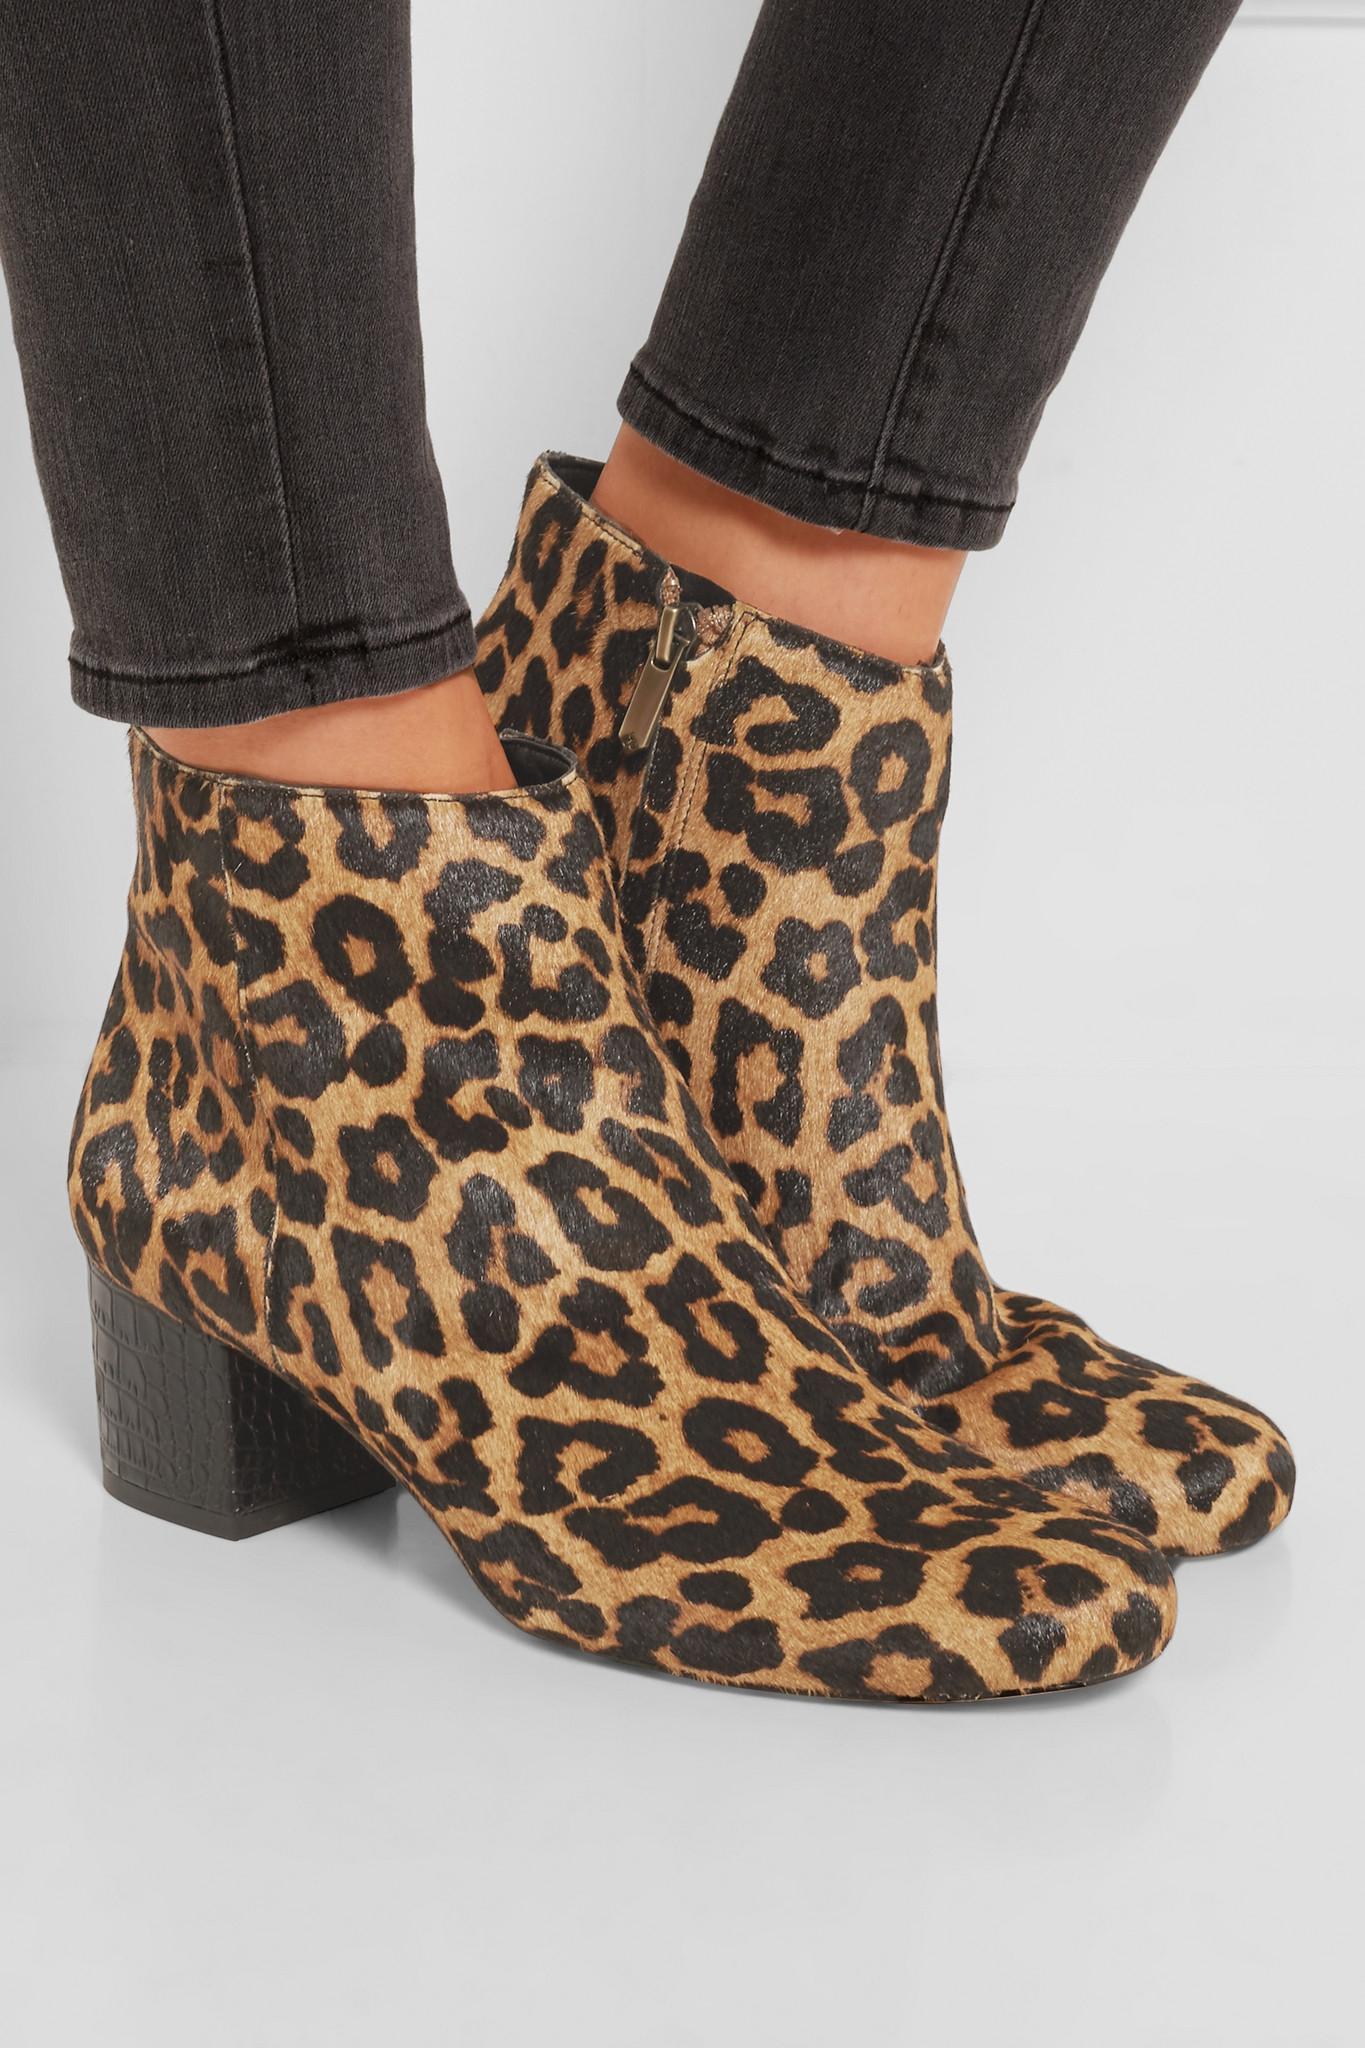 Sam edelman Edith Leopard-print Calf Hair Ankle Boots in ...